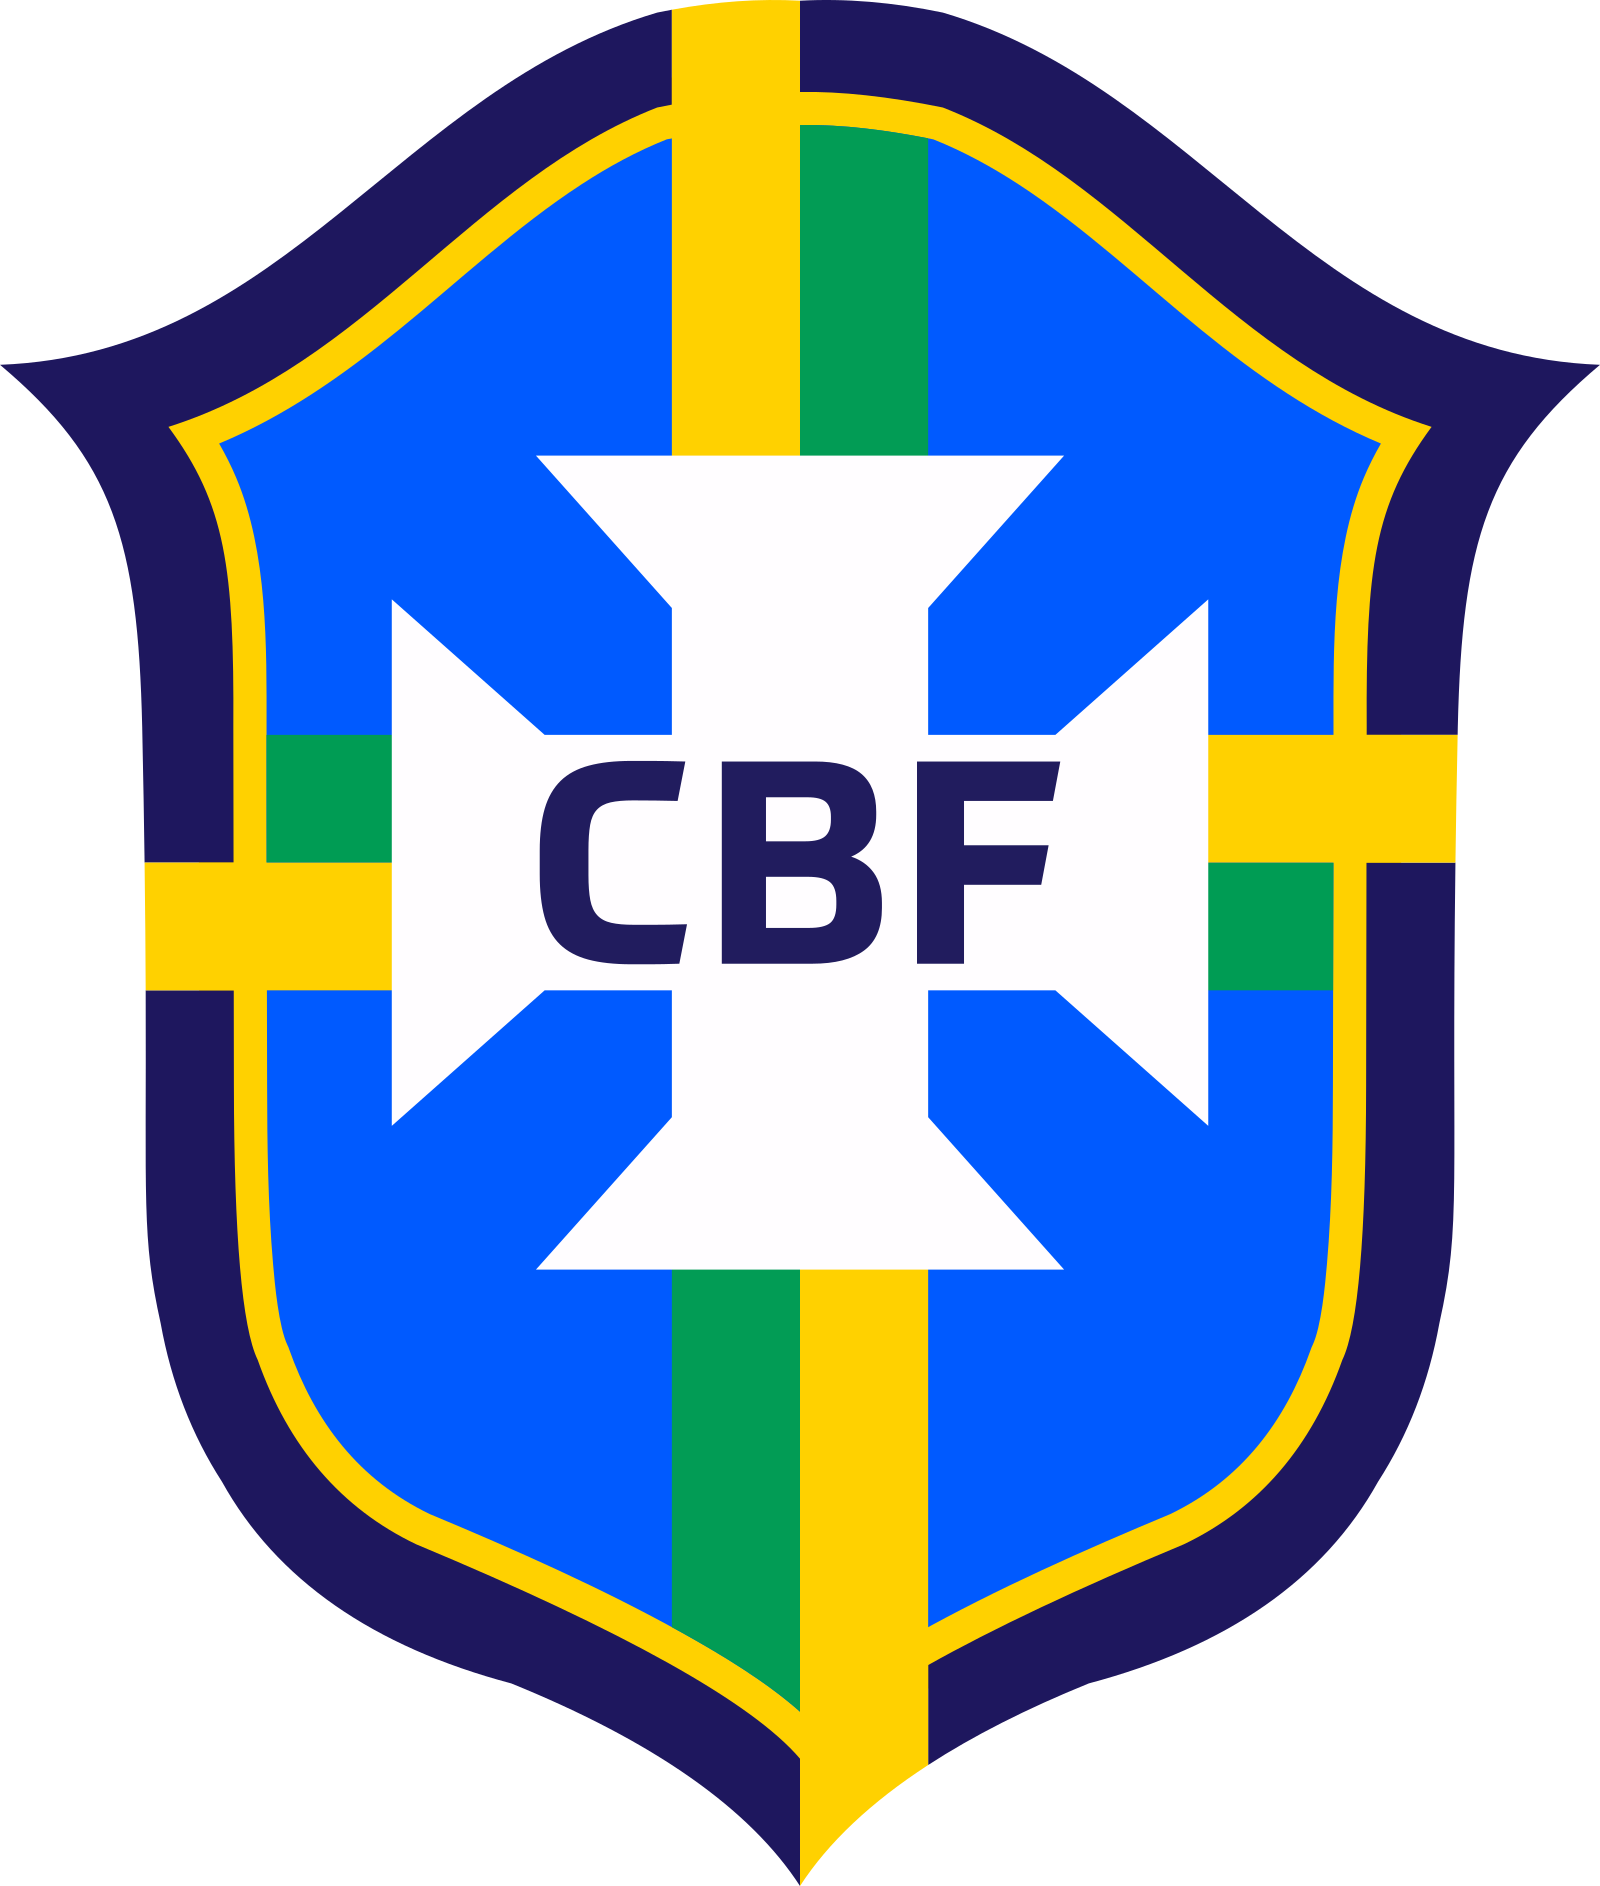 cbf logo selecao logo brasil 5 - CBF Logo - Confederação Brasileira de Futebol Logo